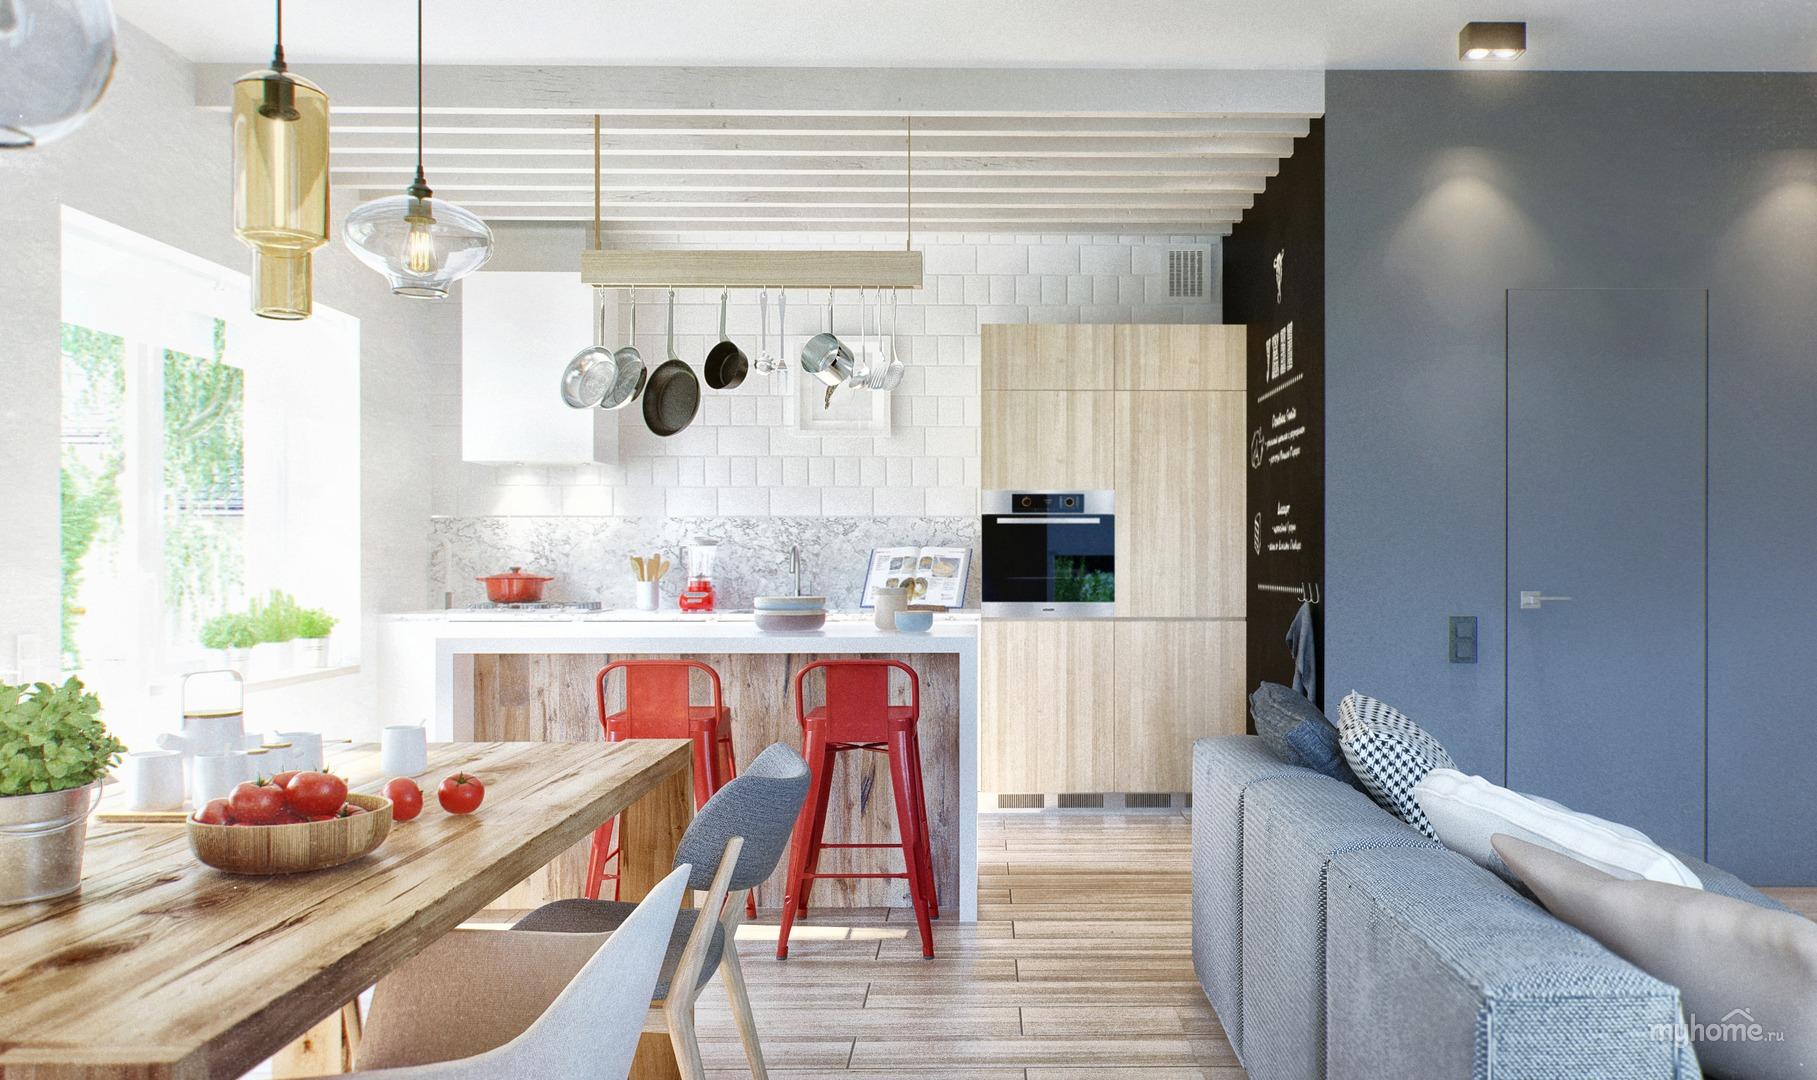 можно прочитать кухня-гостиная в скандинавском стиле фото можно найти все